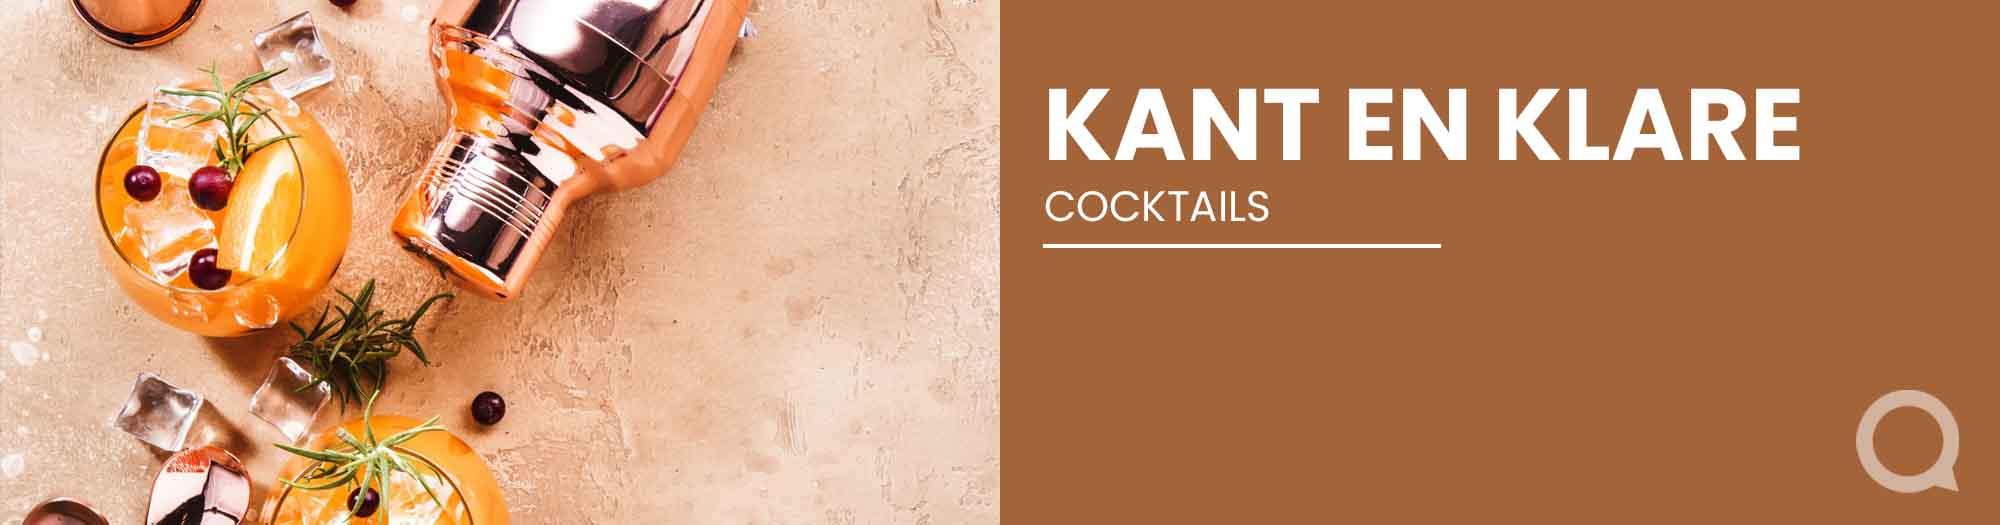 Kant en klare cocktails